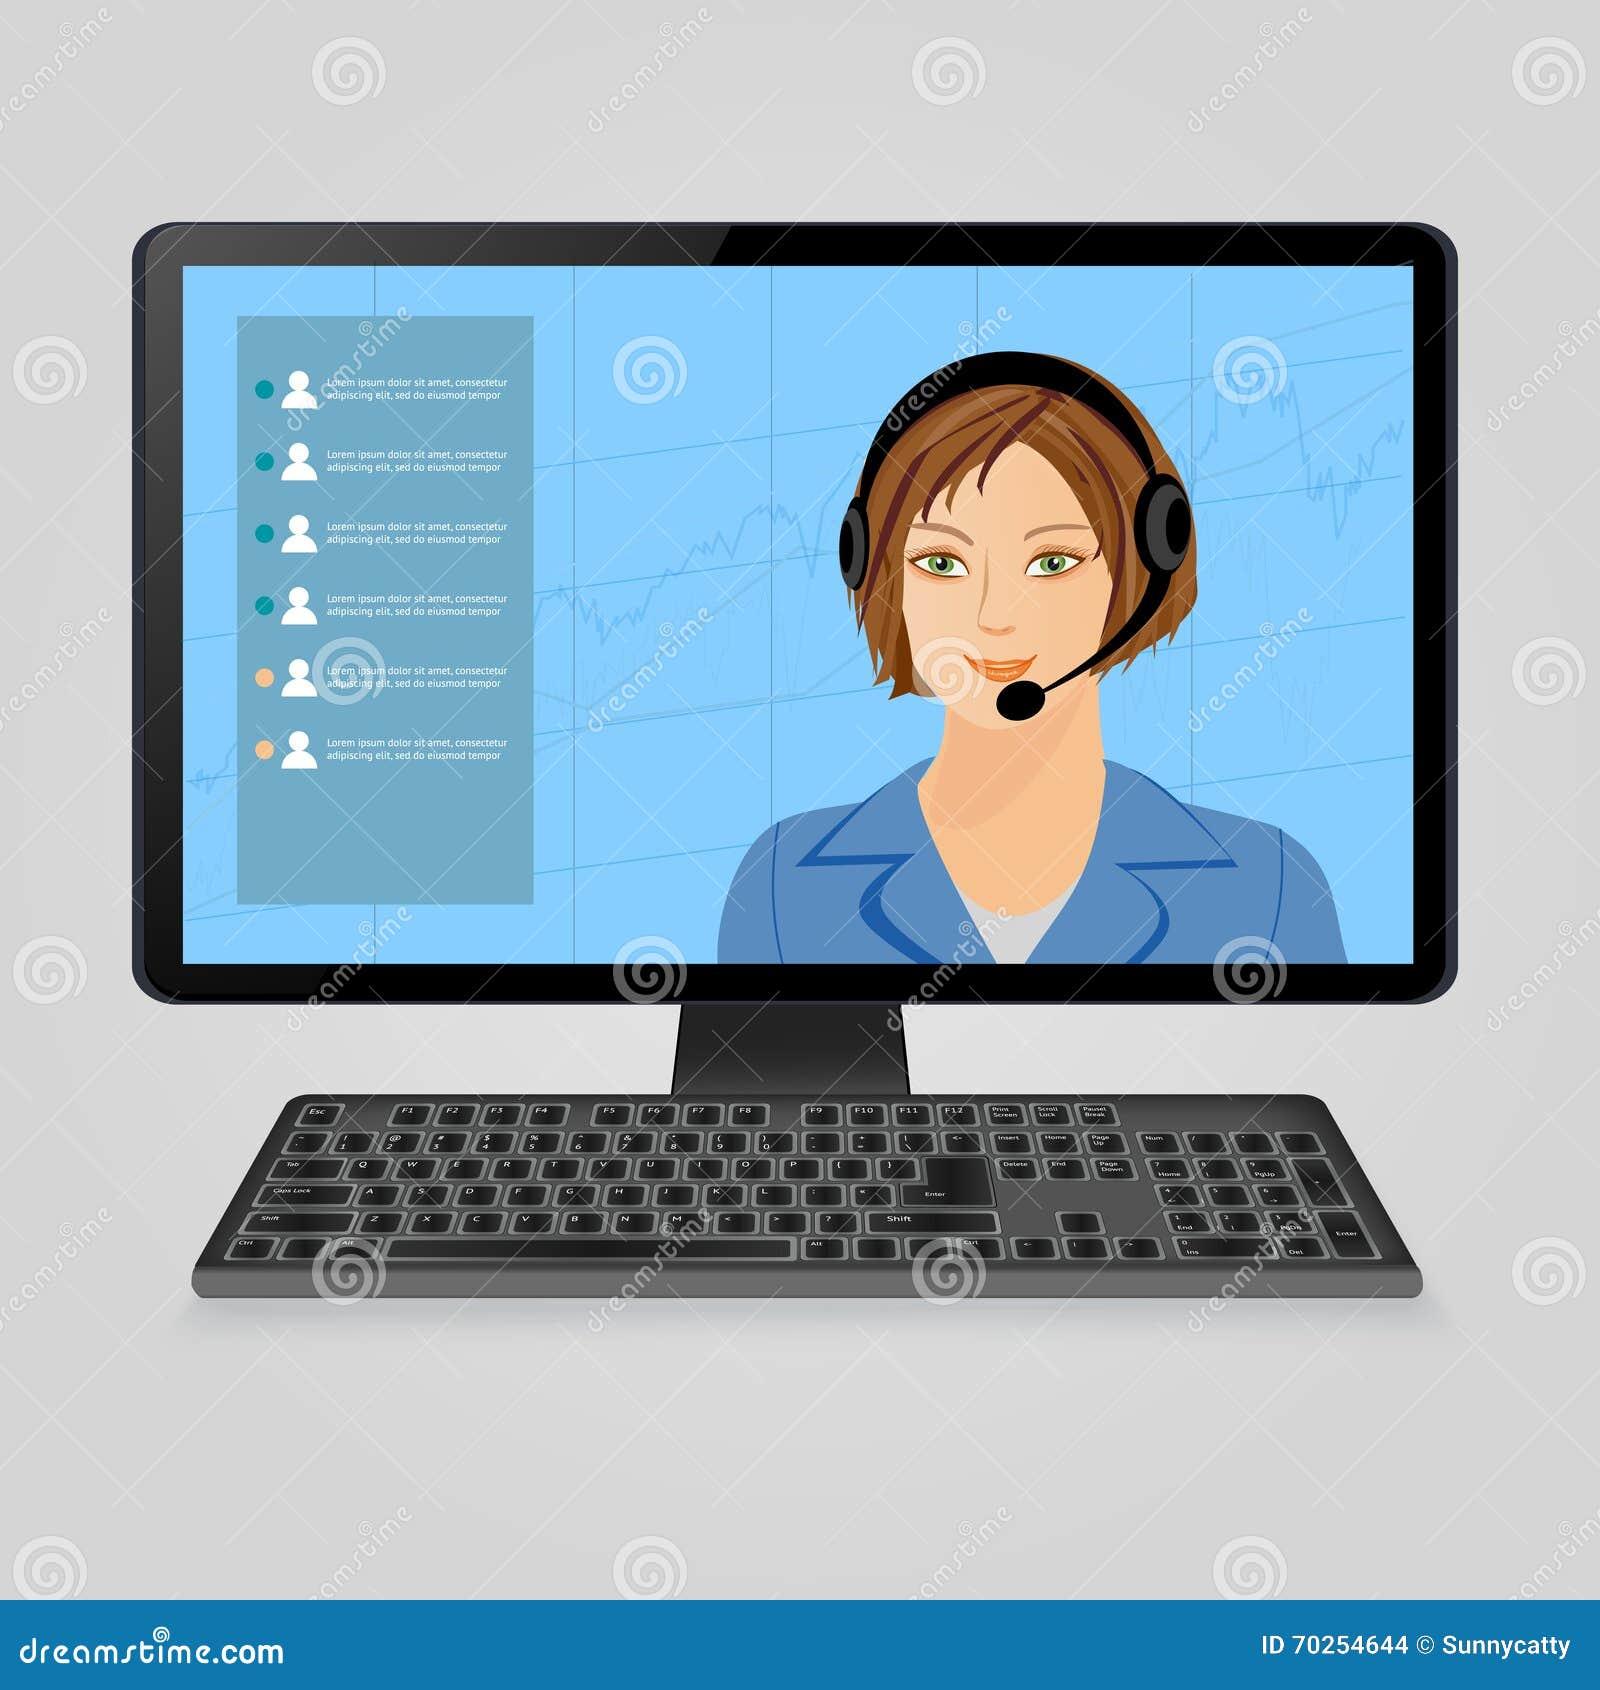 Γυναίκα με τα ακουστικά στην οθόνη οργάνων ελέγχου υπολογιστών Τηλεφωνικό κέντρο, σε απευθείας σύνδεση ζωντανή υποστήριξη πελατών